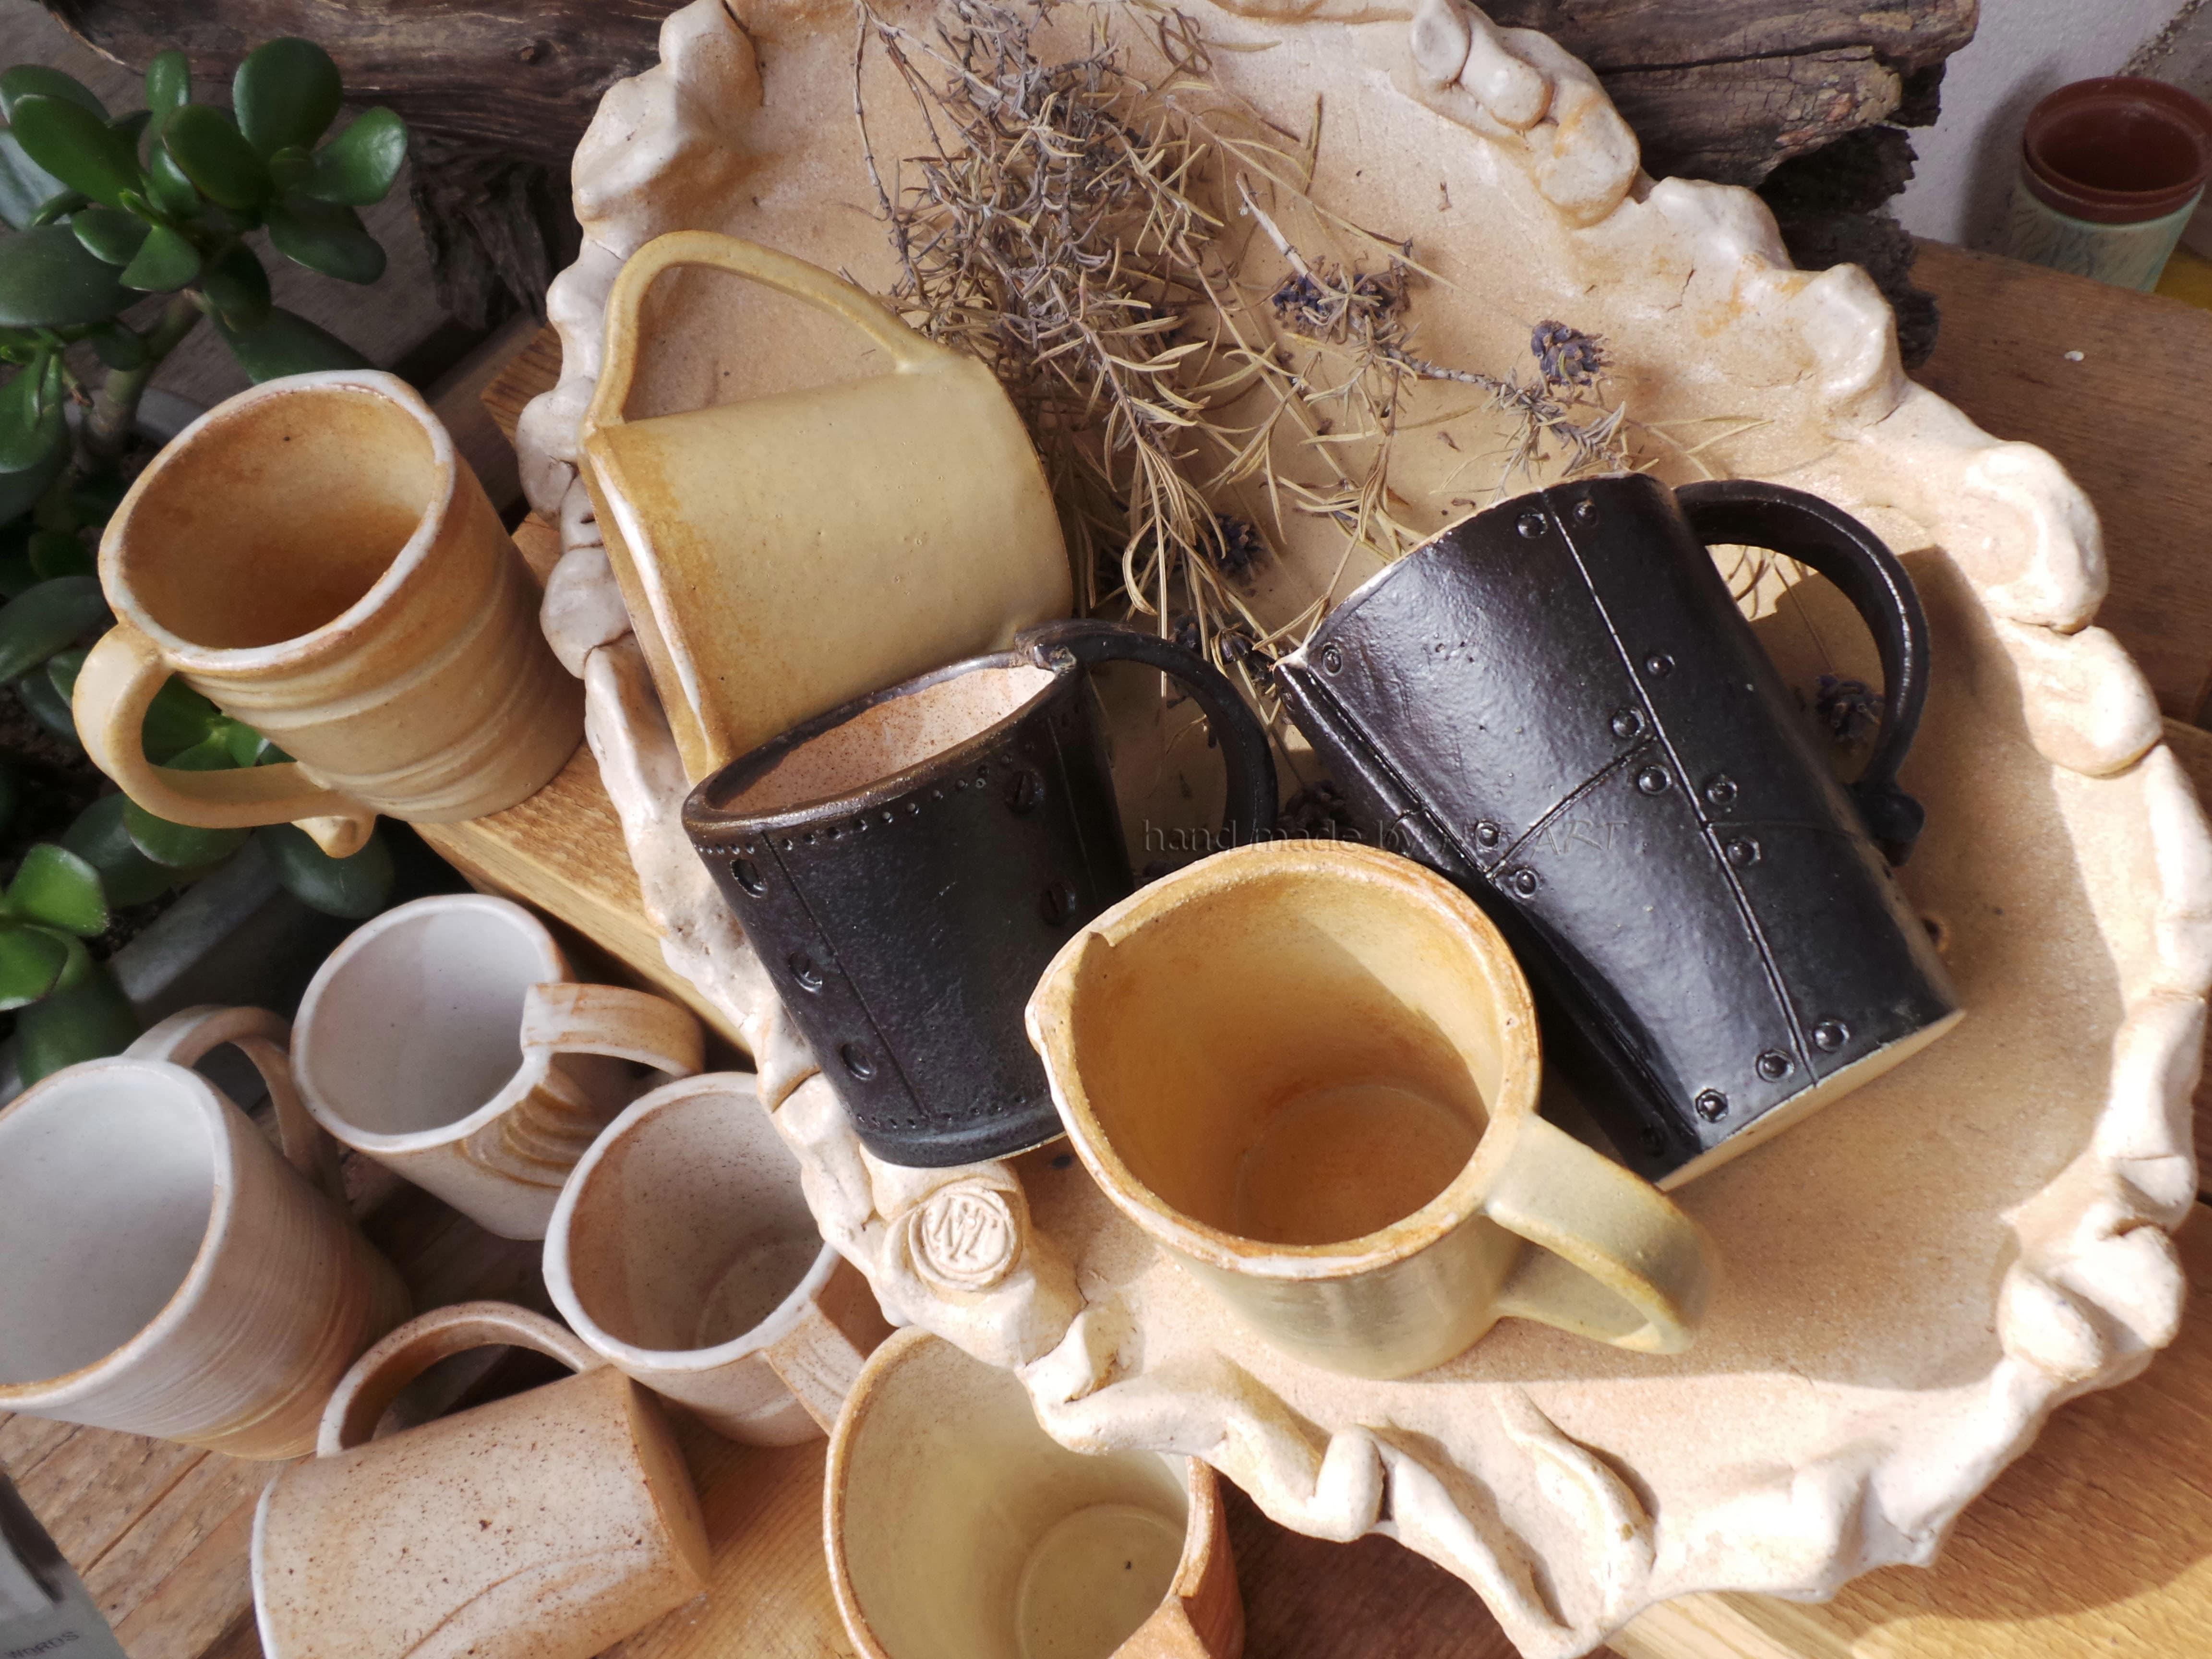 upotrebna_keramika_a13